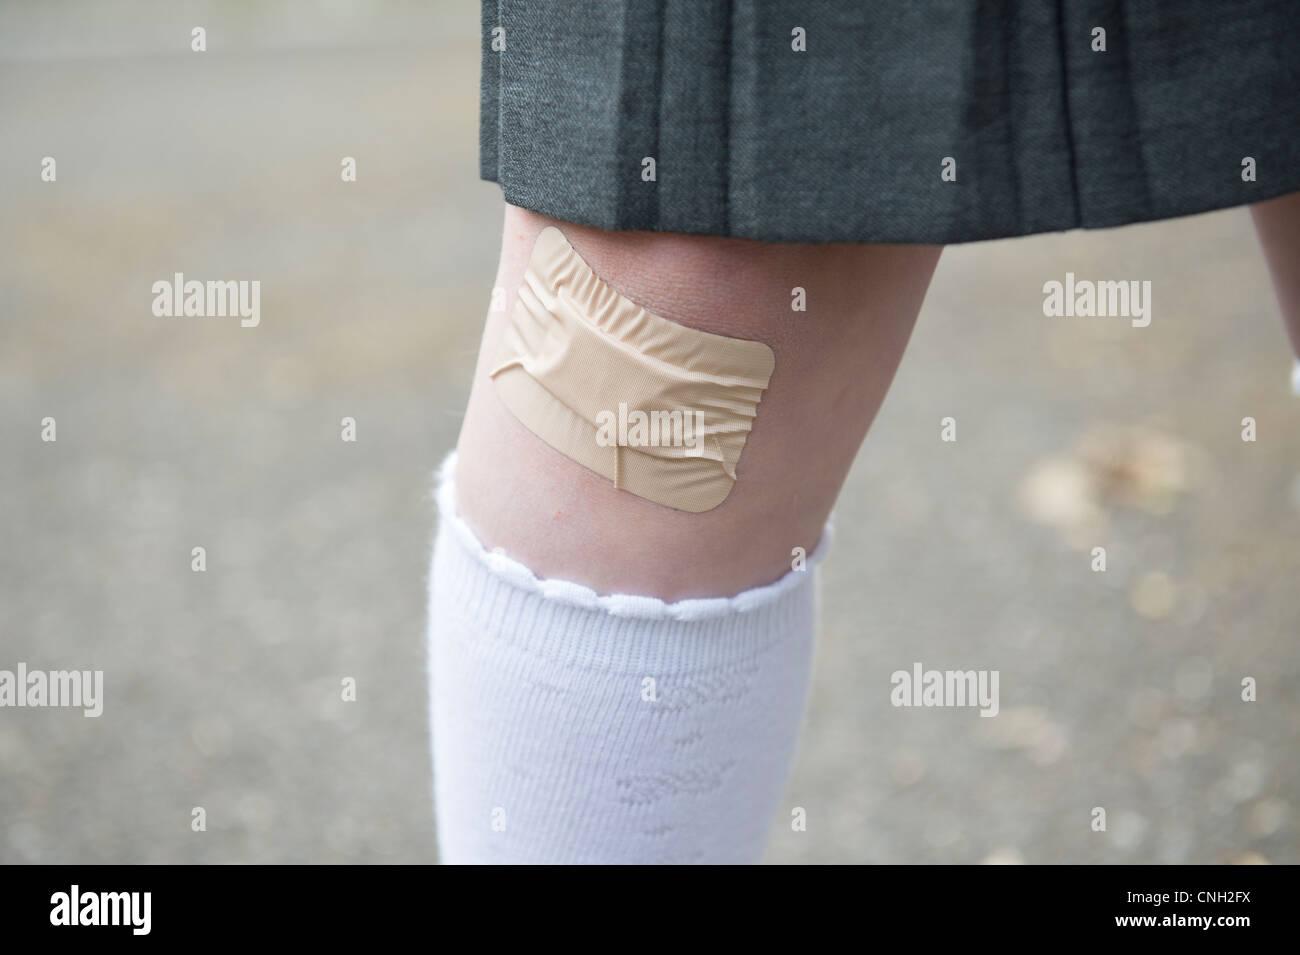 La alumna de la rodilla con un yeso pegada sobre un corte. Foto de stock